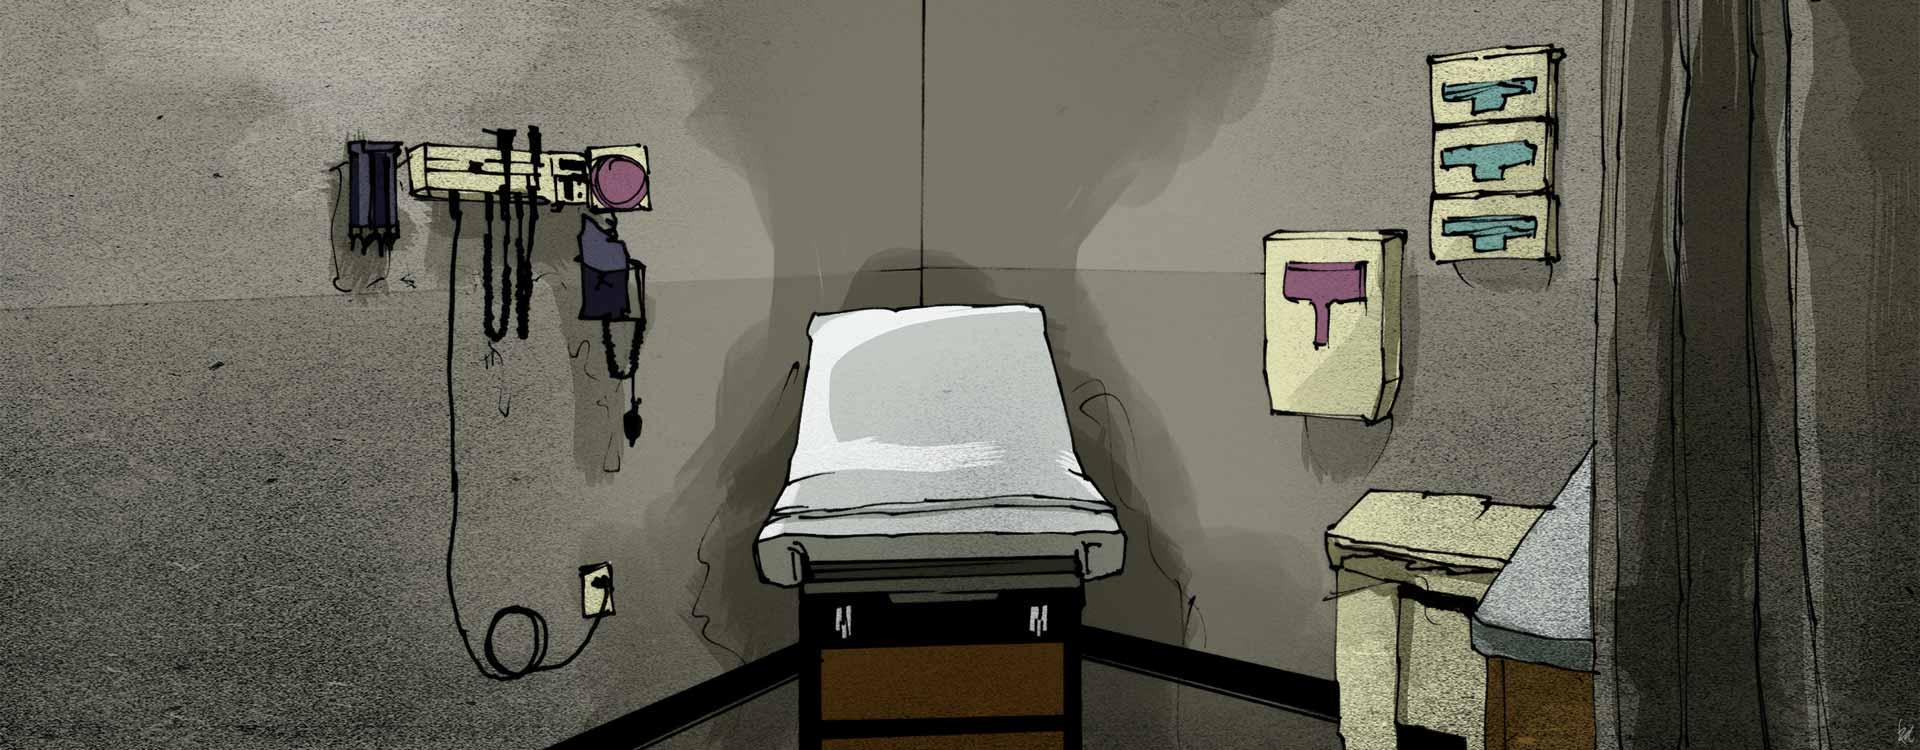 https://s3.amazonaws.com/ajc-doctors-images/empty-exam-room-full-width-header.jpg